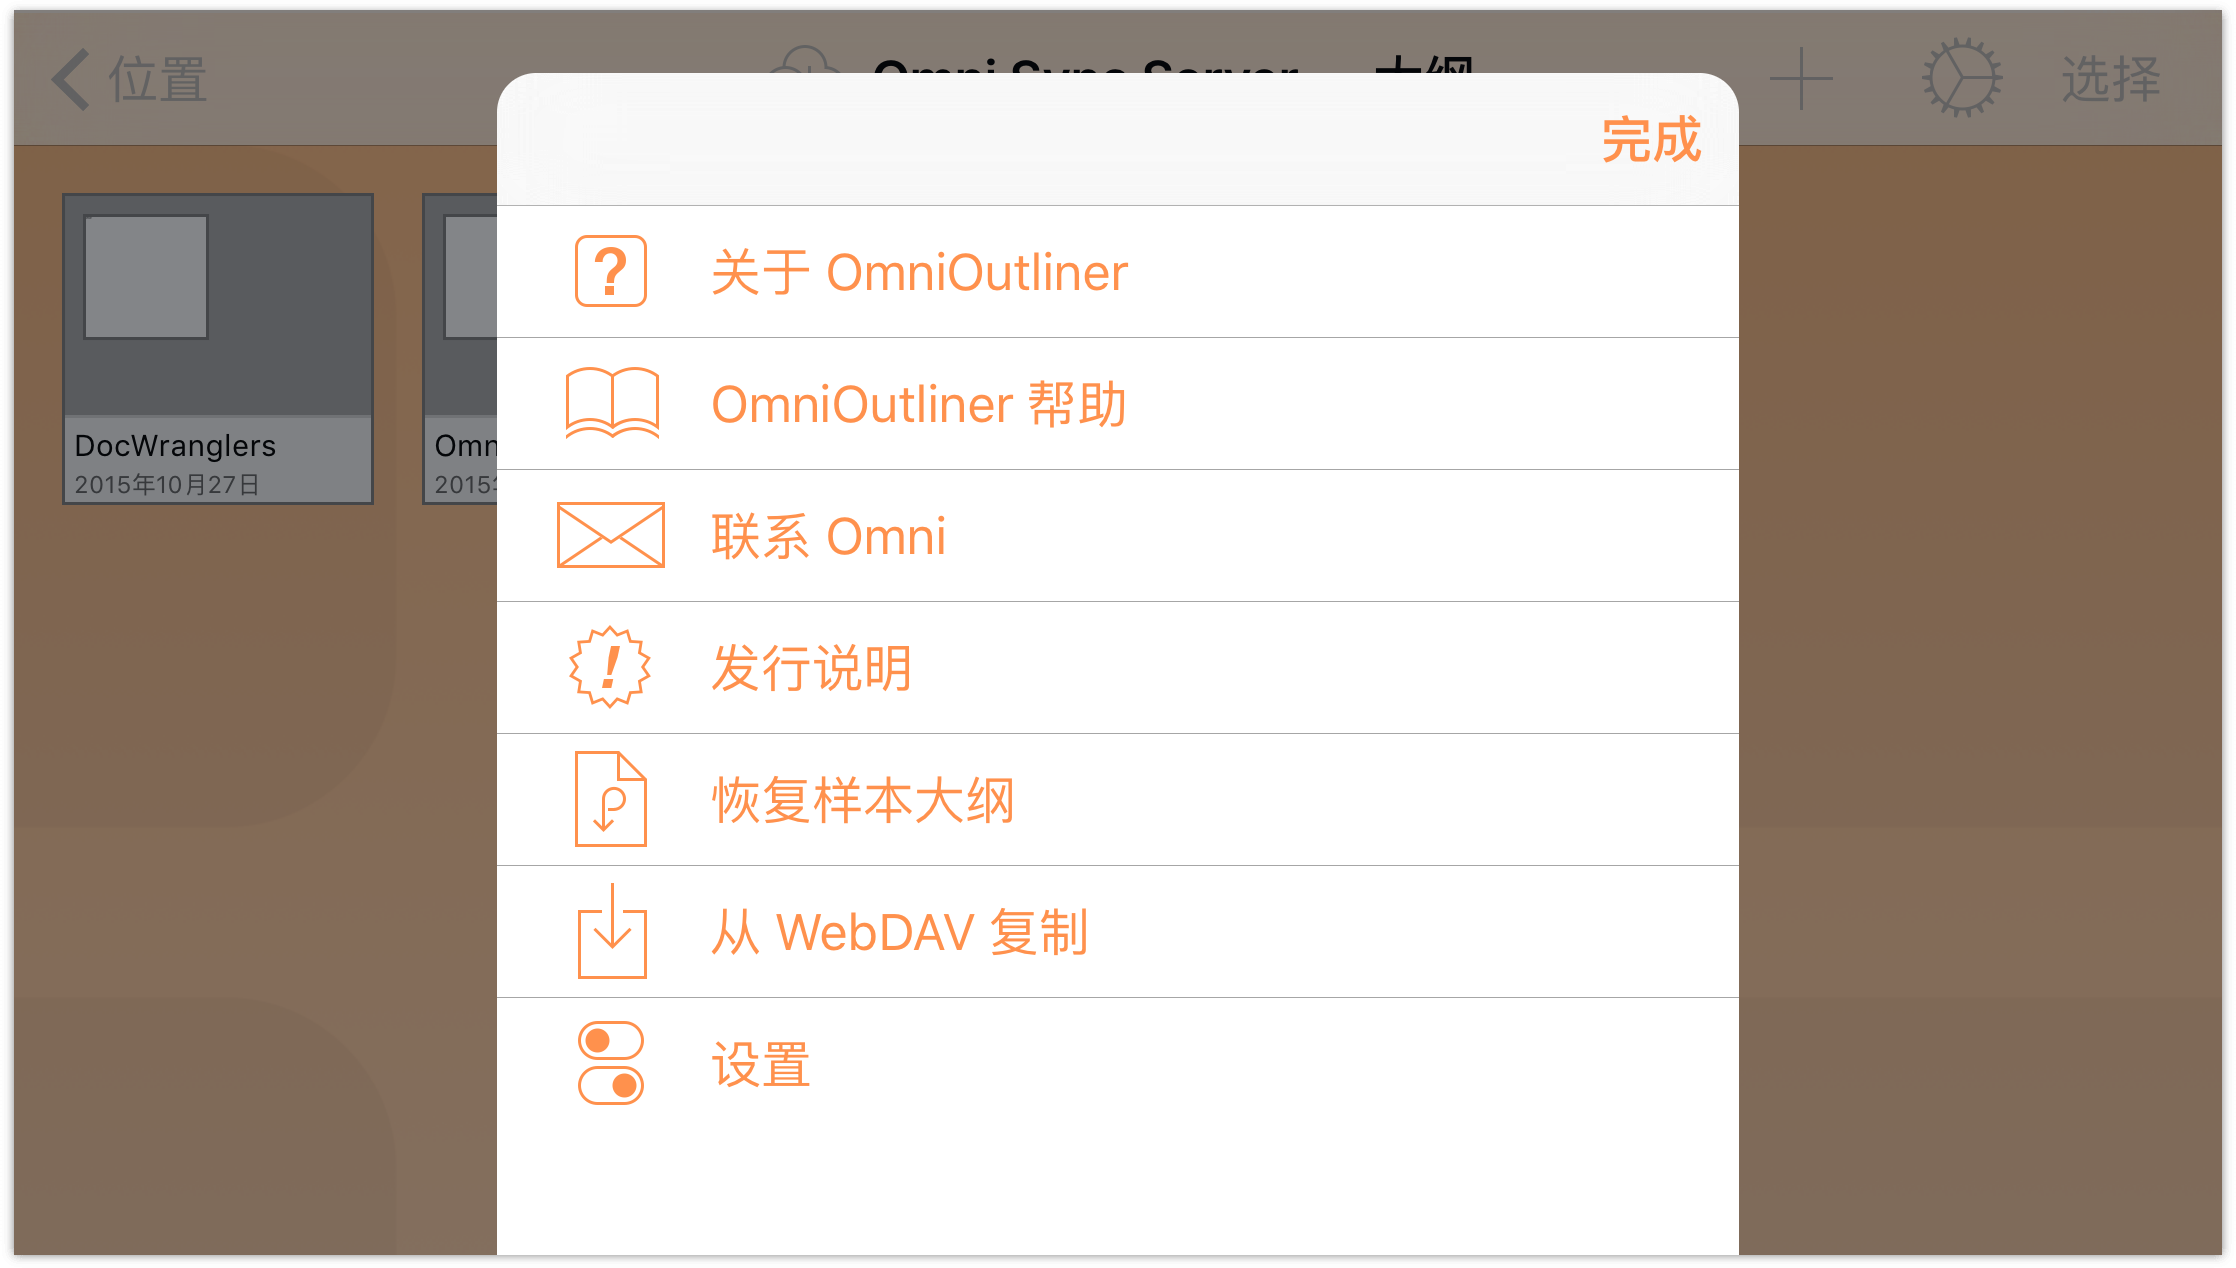 应用程序菜单